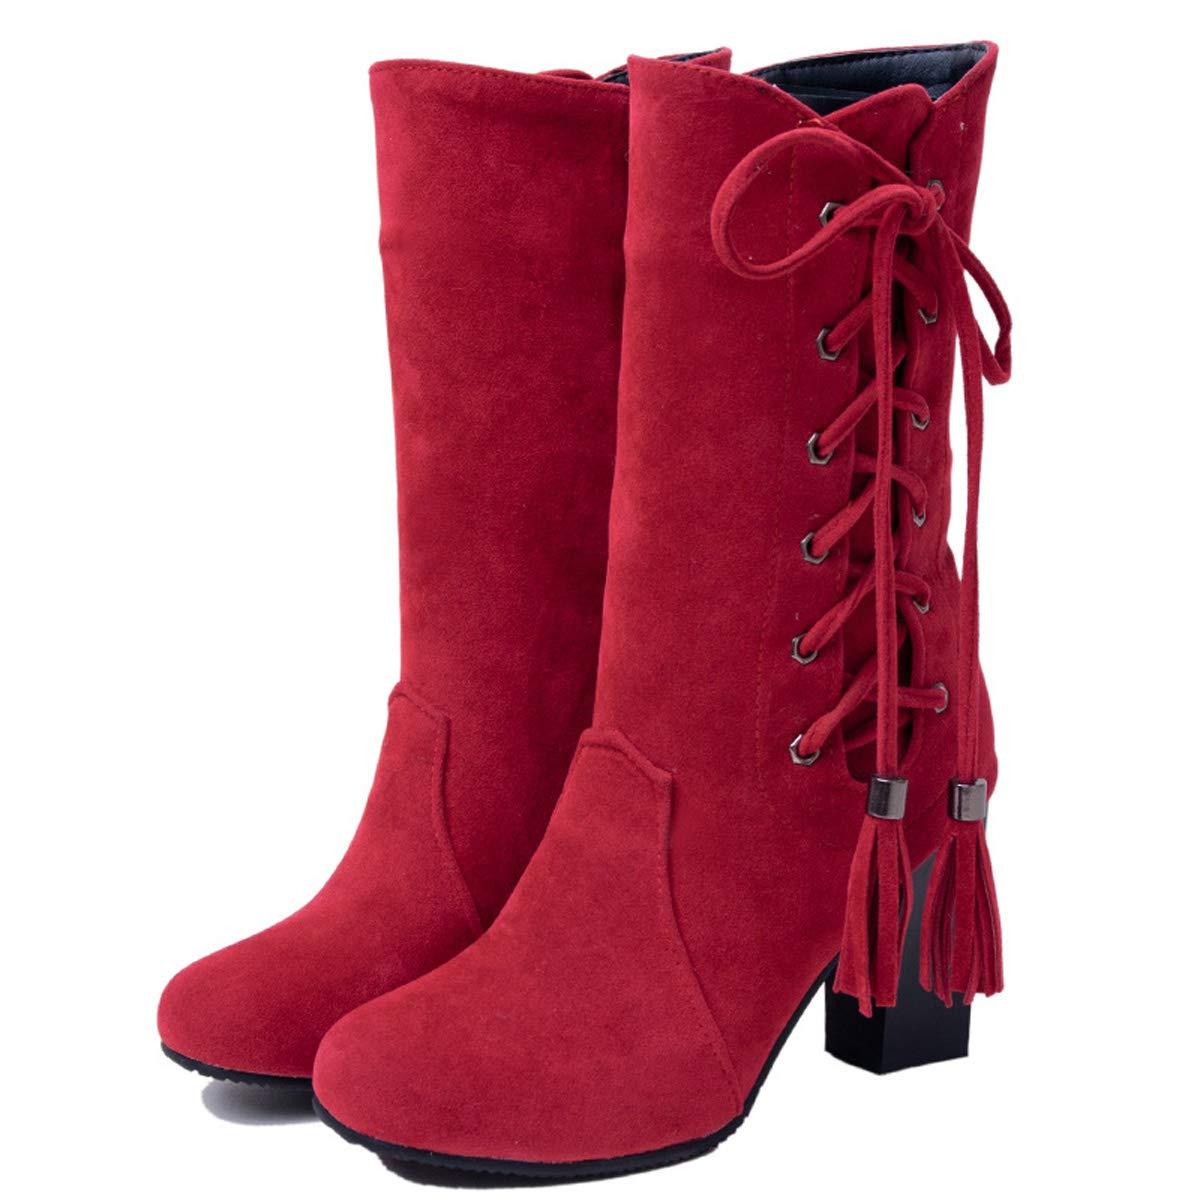 B 38EU DANDANJIE Chaussures pour Femme Talons Ronds Orteils mi-Mollet Bottes à glissière Dentelle-up Gland Bottes à Talons Hauts